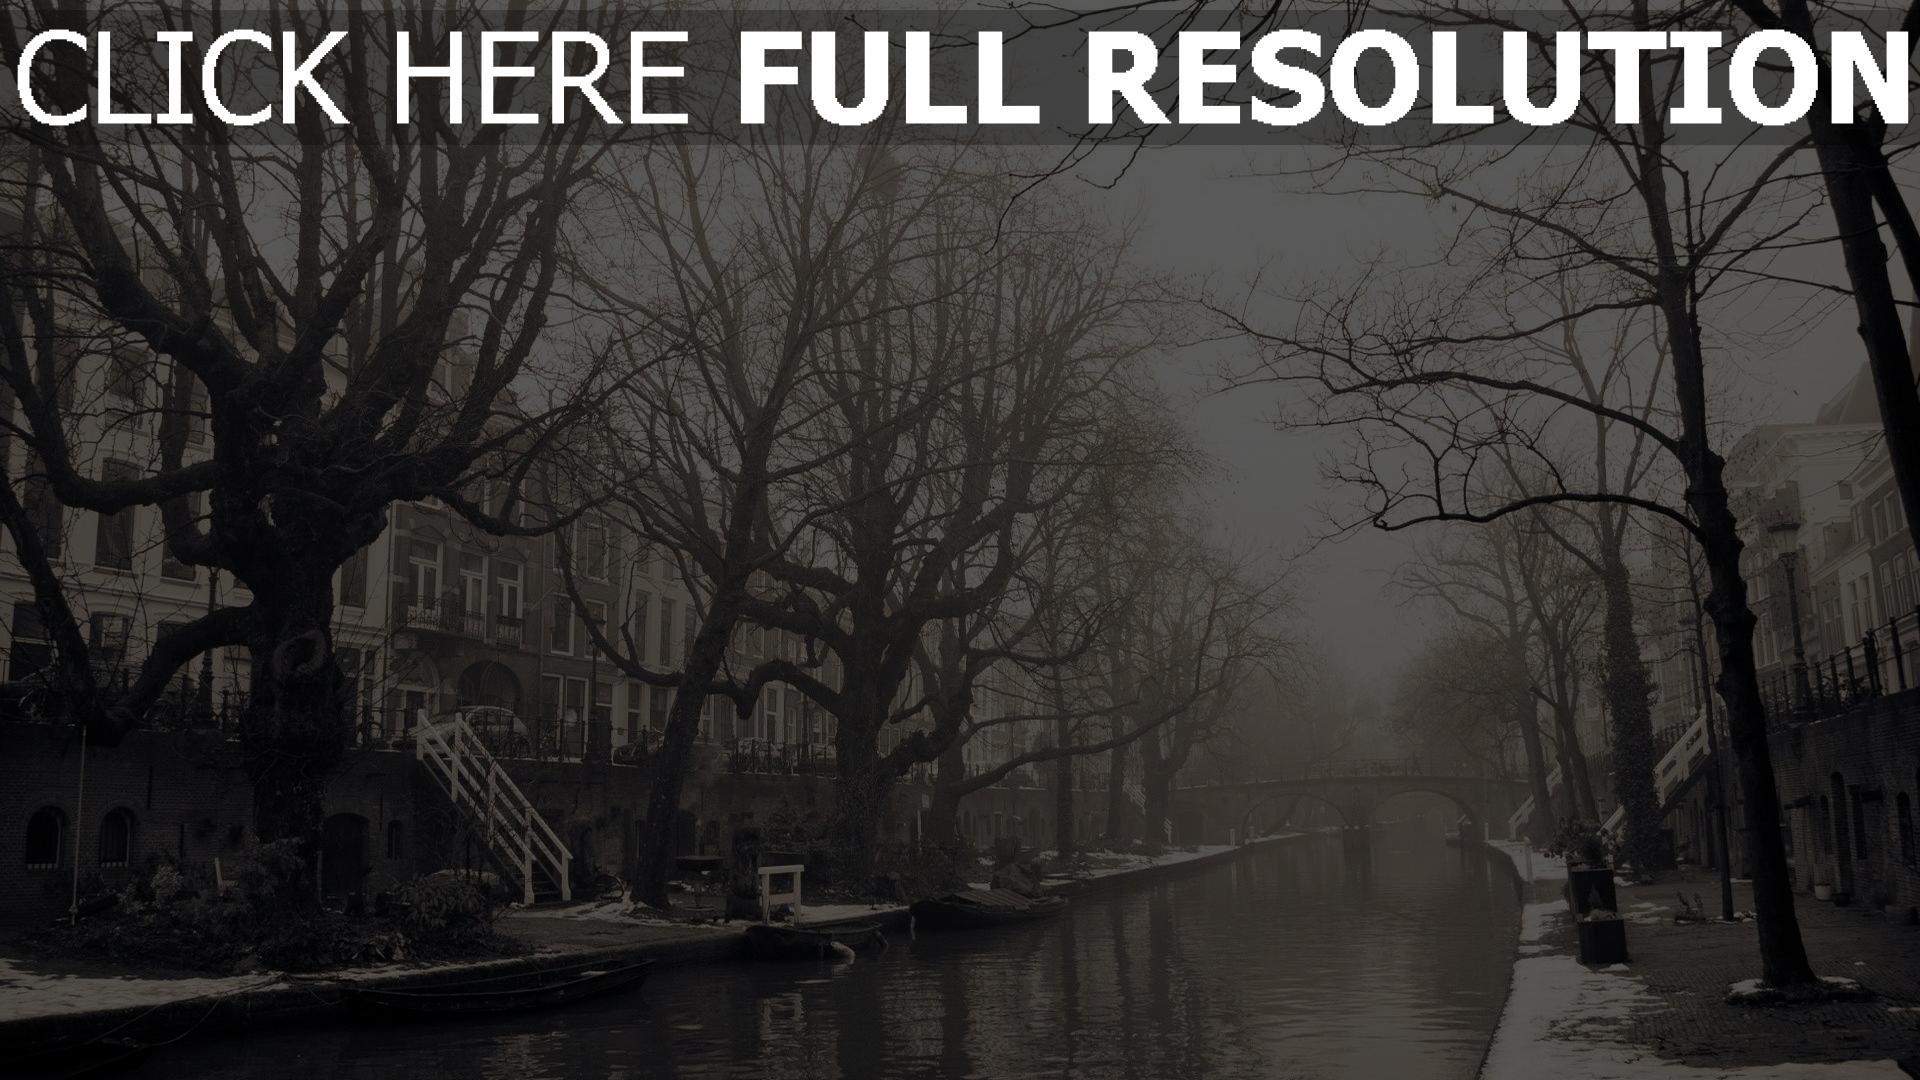 Hd hintergrundbilder stadt nebel geb ude b ume melancholie stimmung desktop hintergrund - The water street magical town in holland ...